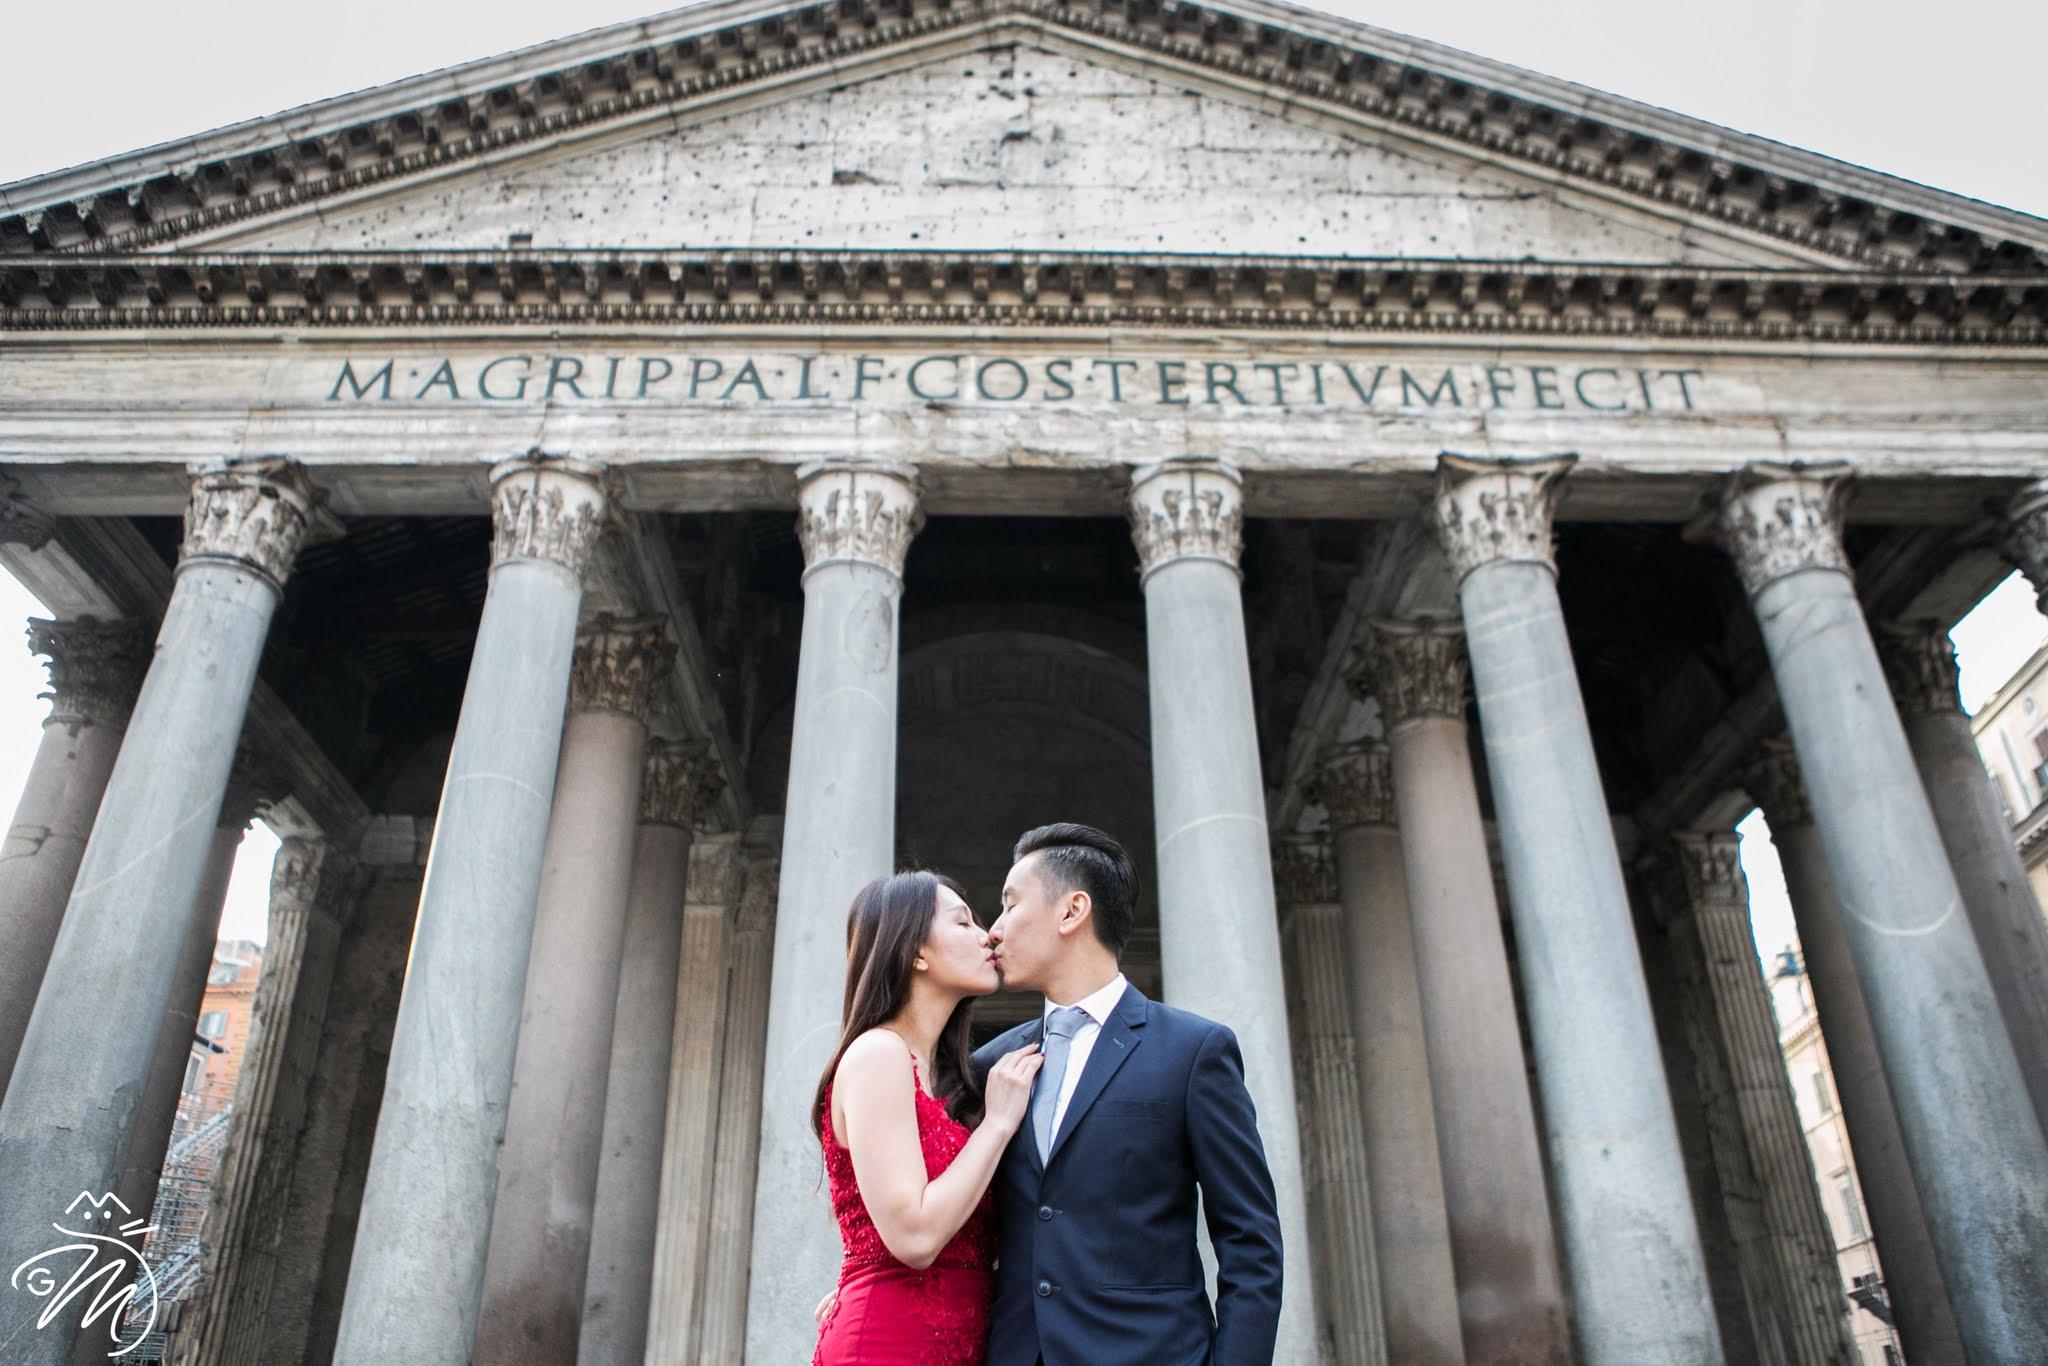 fotografo matrimonio Roma photographer in Italy ORIZZONTALI2_LOGO_-250905462022